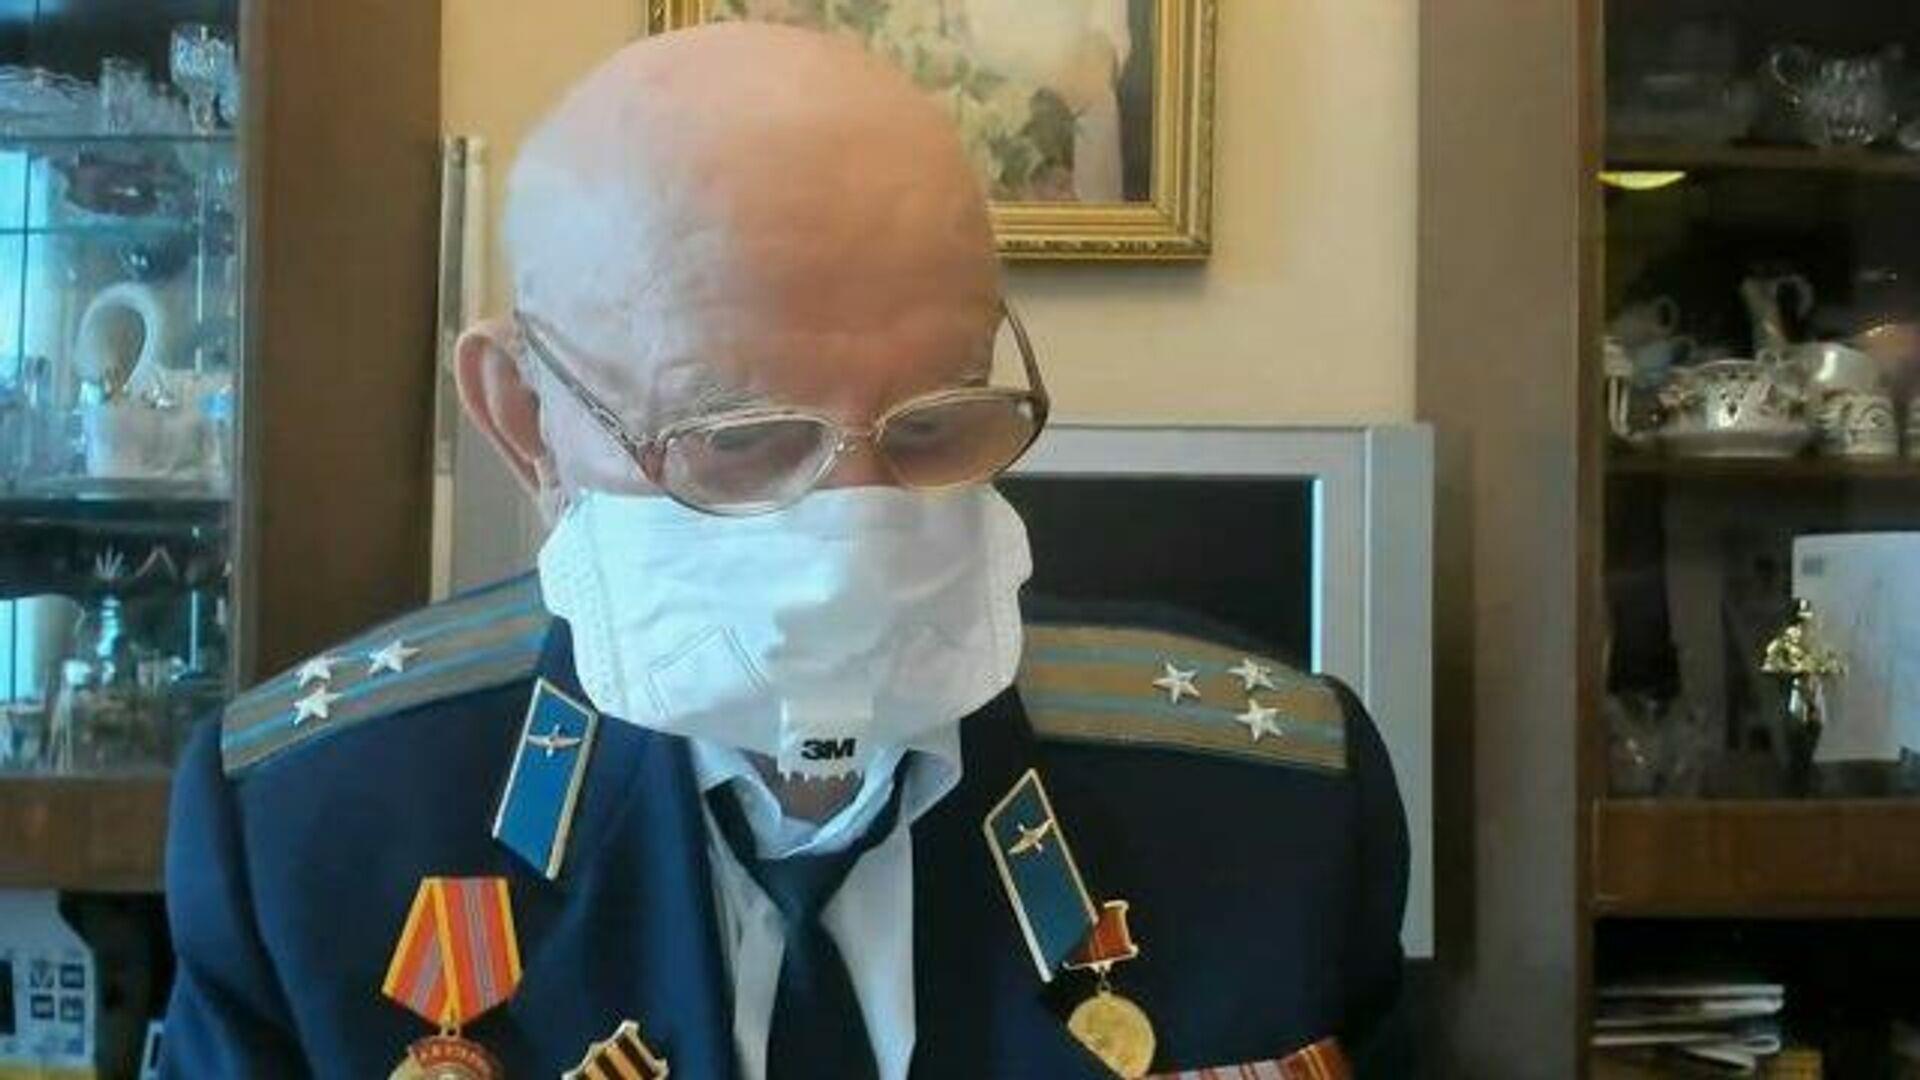 Я вынужден защищать свою честь: ветеран войны выступил на суде по делу Навального - РИА Новости, 1920, 05.02.2021